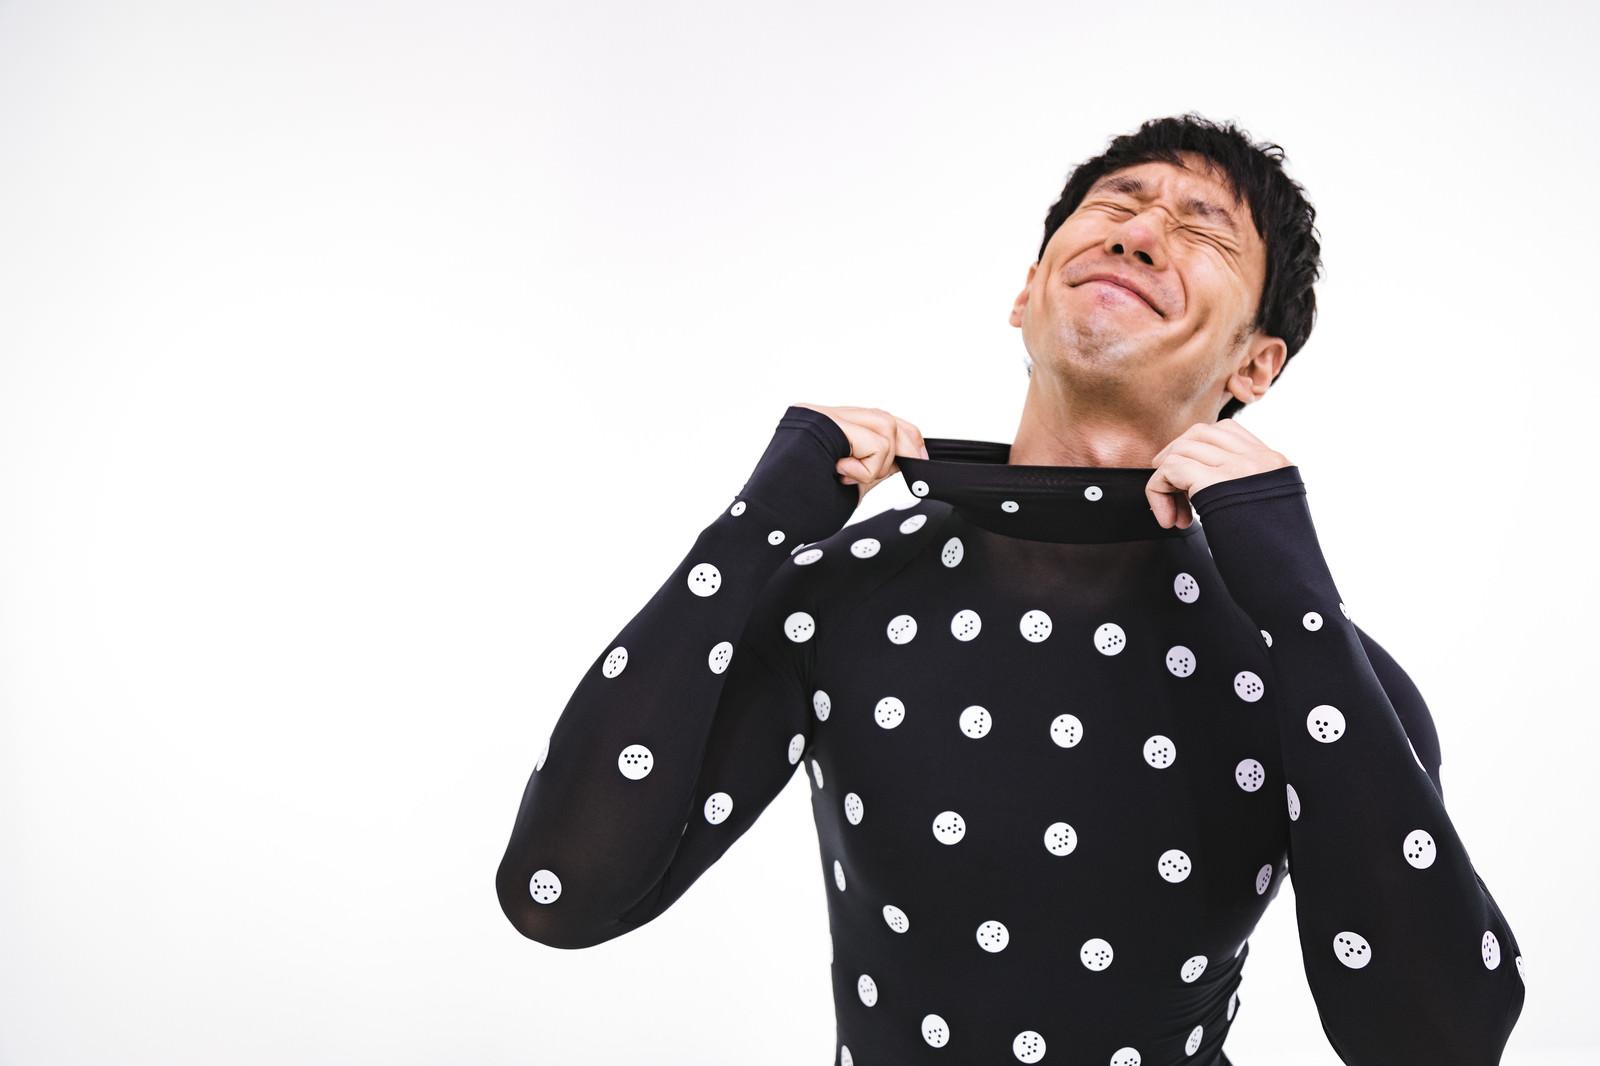 「着心地の良さのあまりに笑顔が溢れる男性 | 写真の無料素材・フリー素材 - ぱくたそ」の写真[モデル:大川竜弥]